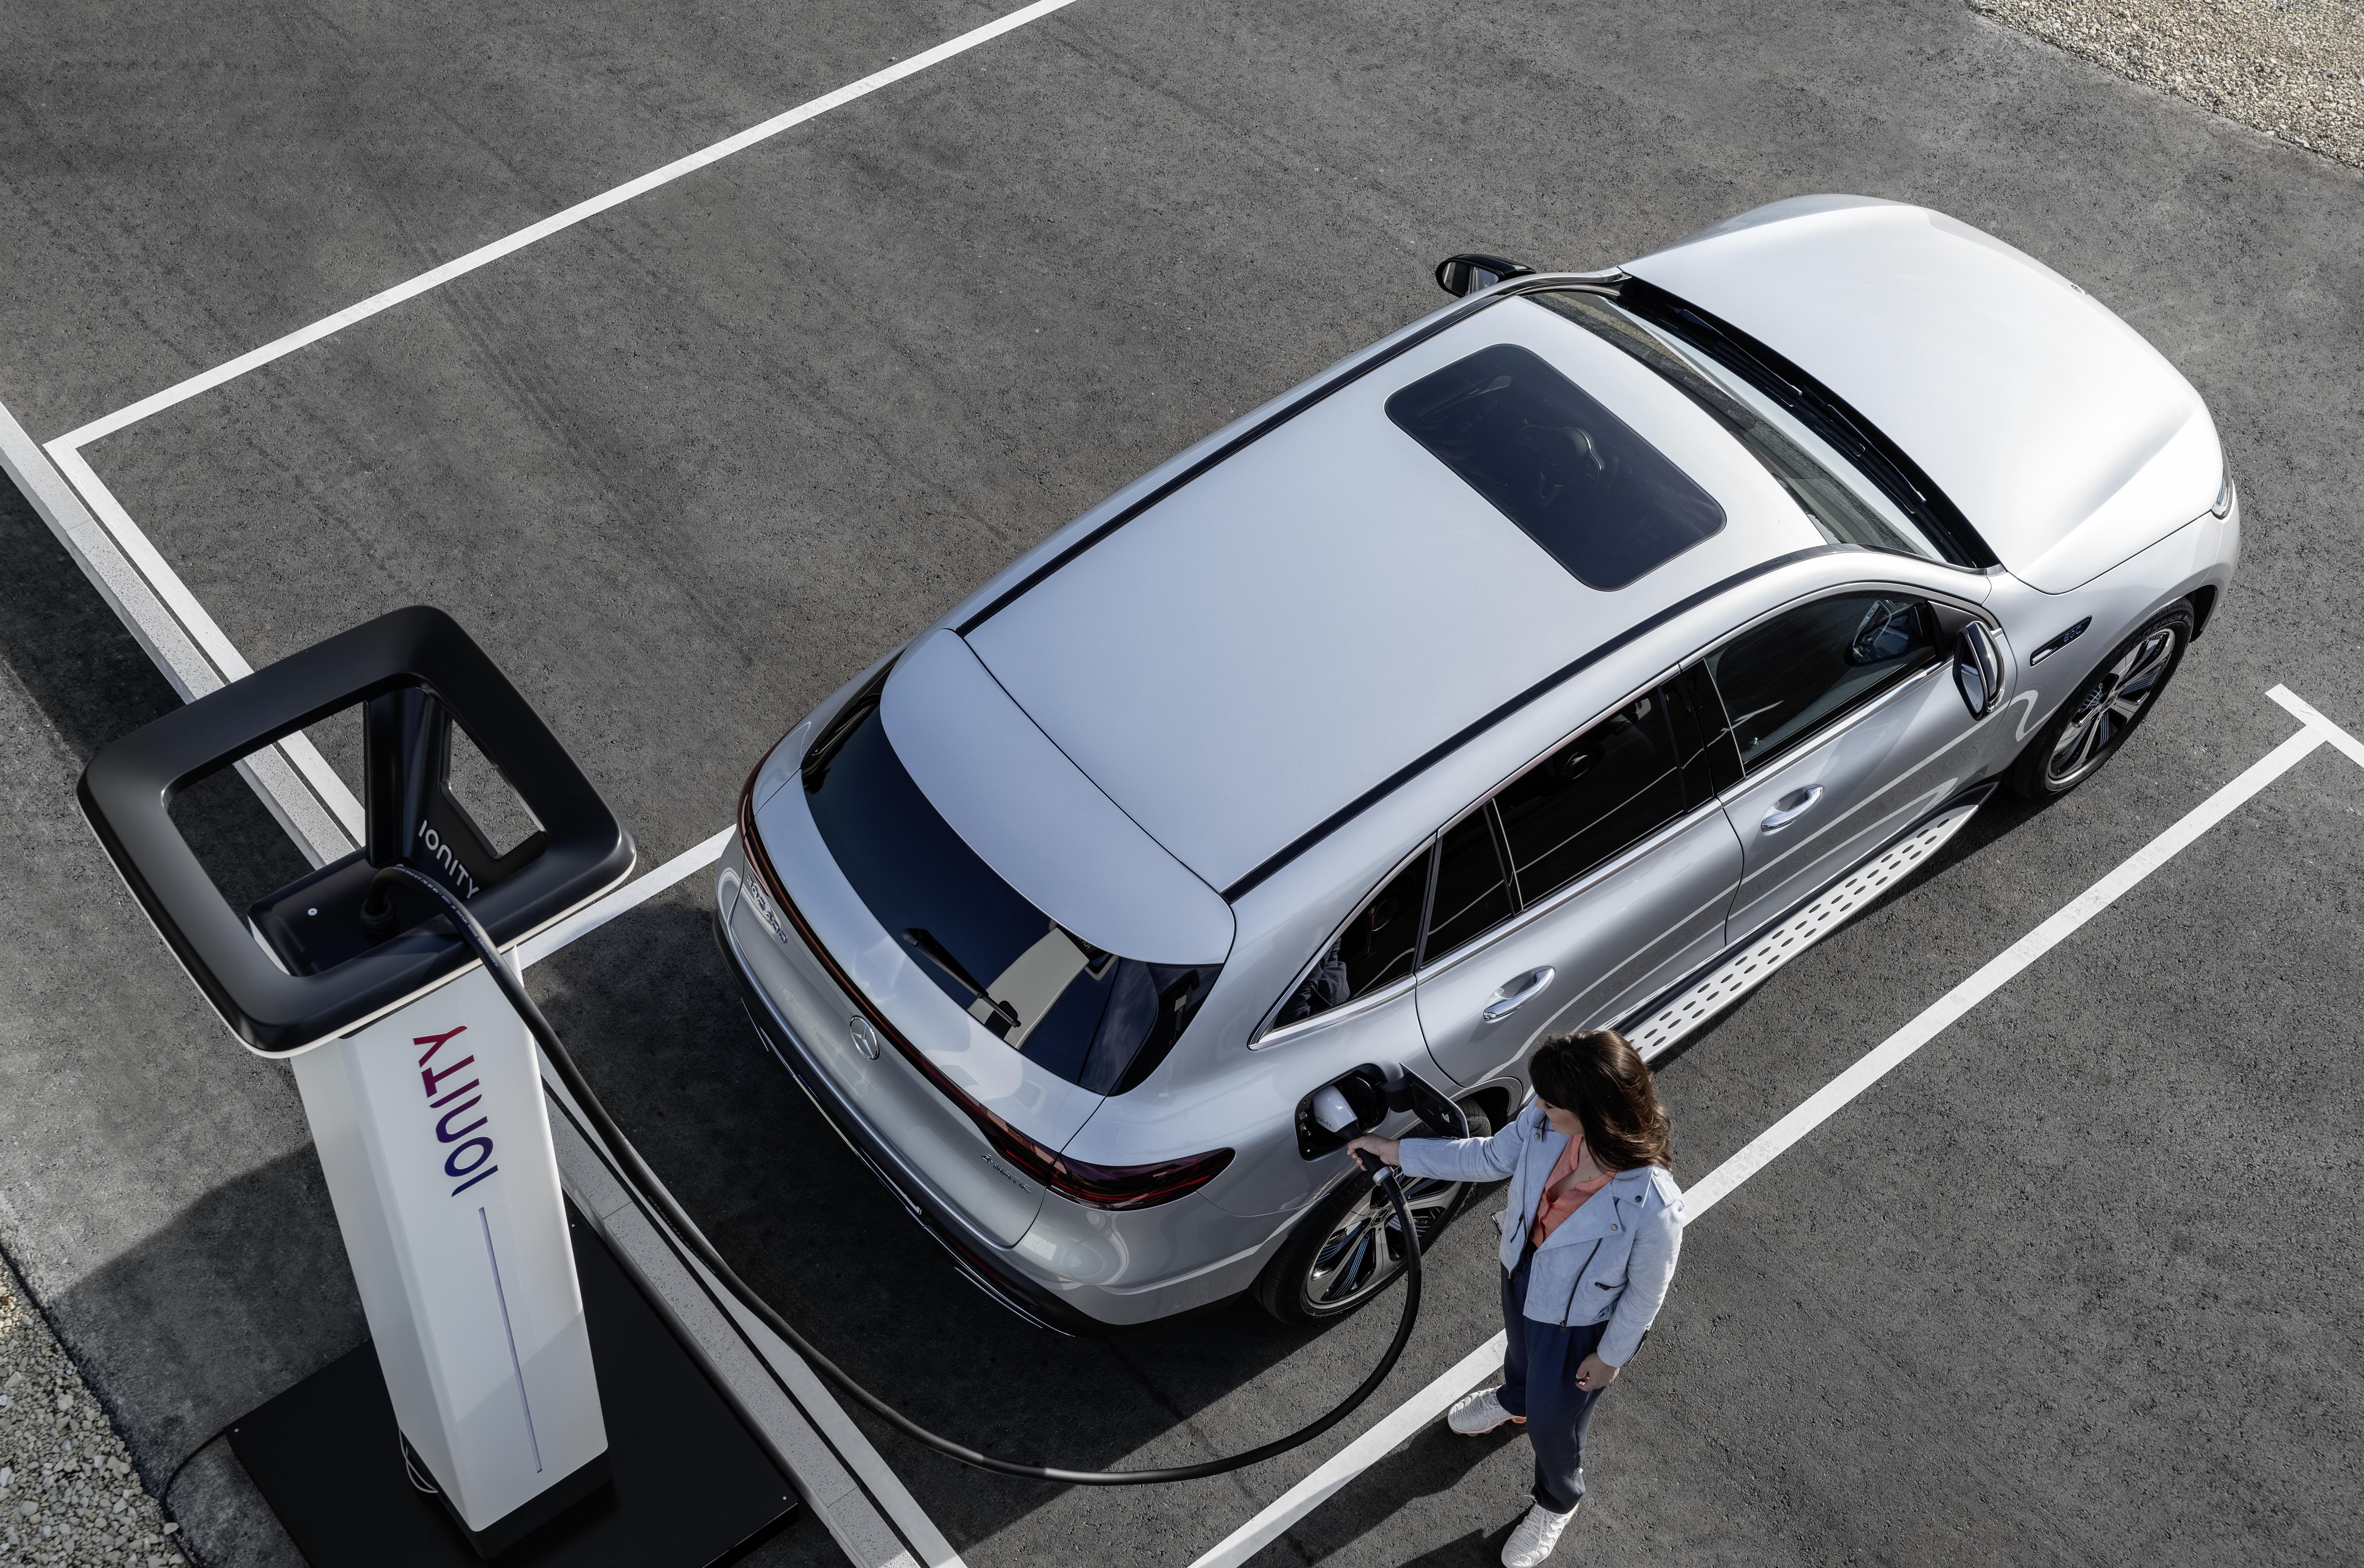 Svenska priser för Mercedes-Benz ultrasnabba elbilsladdning